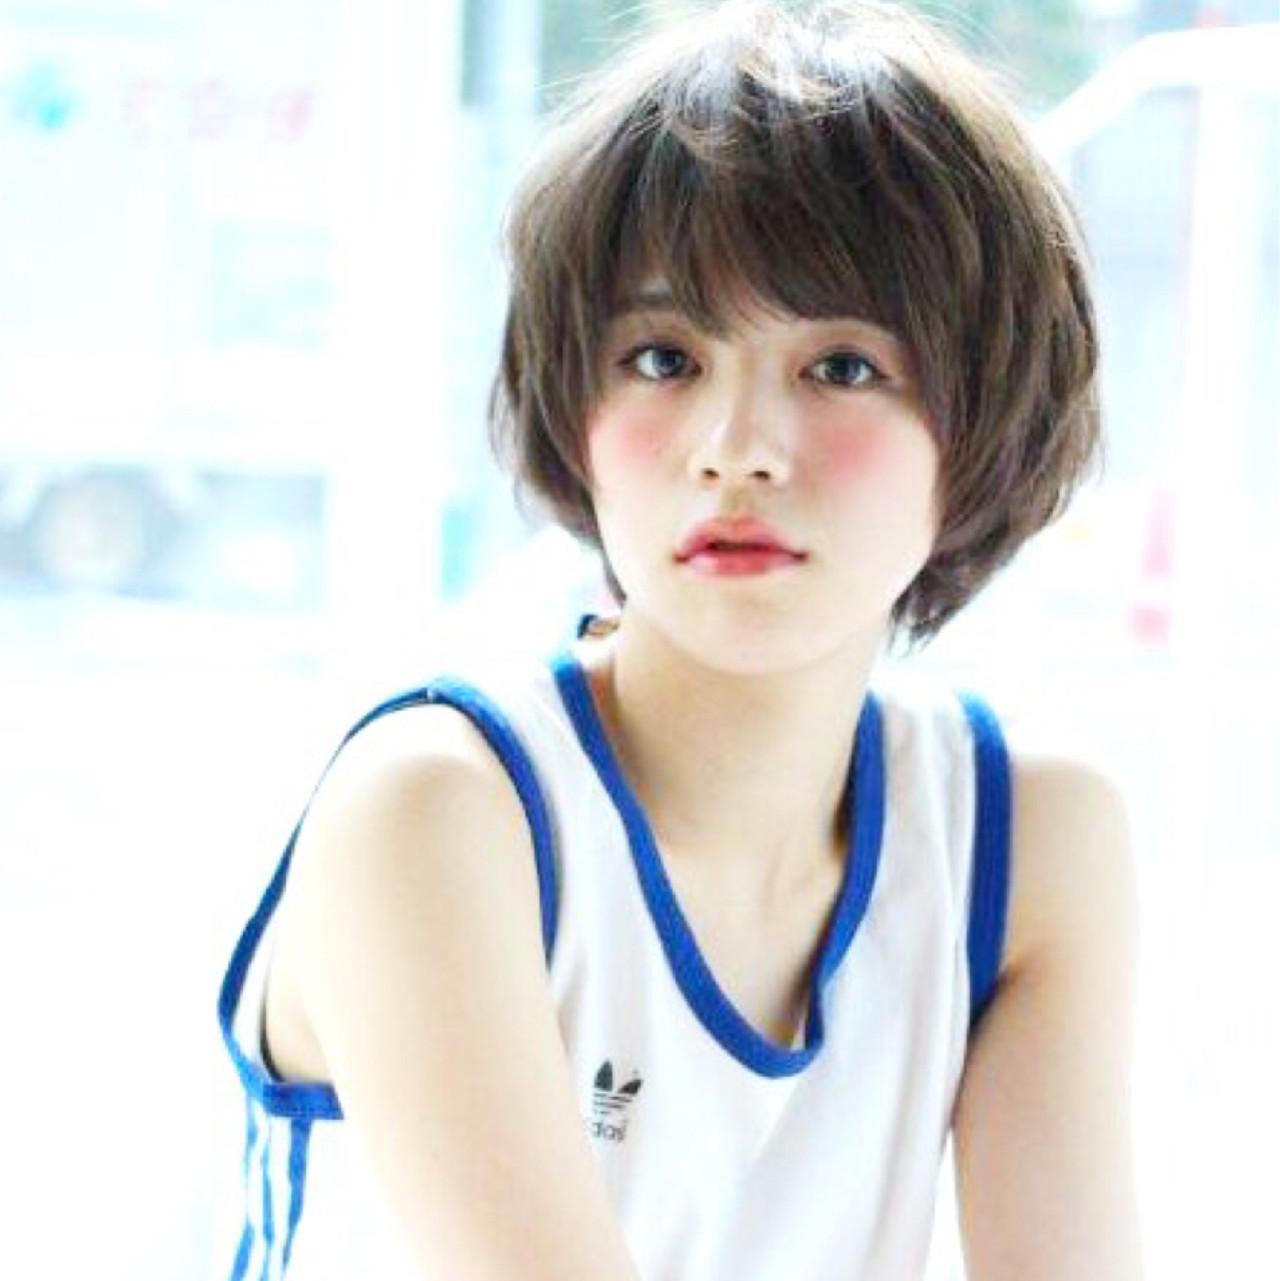 成人式後だからできる!今こそバッサリ、ショートヘアで新たな私に。 増永 剛大 / Un ami